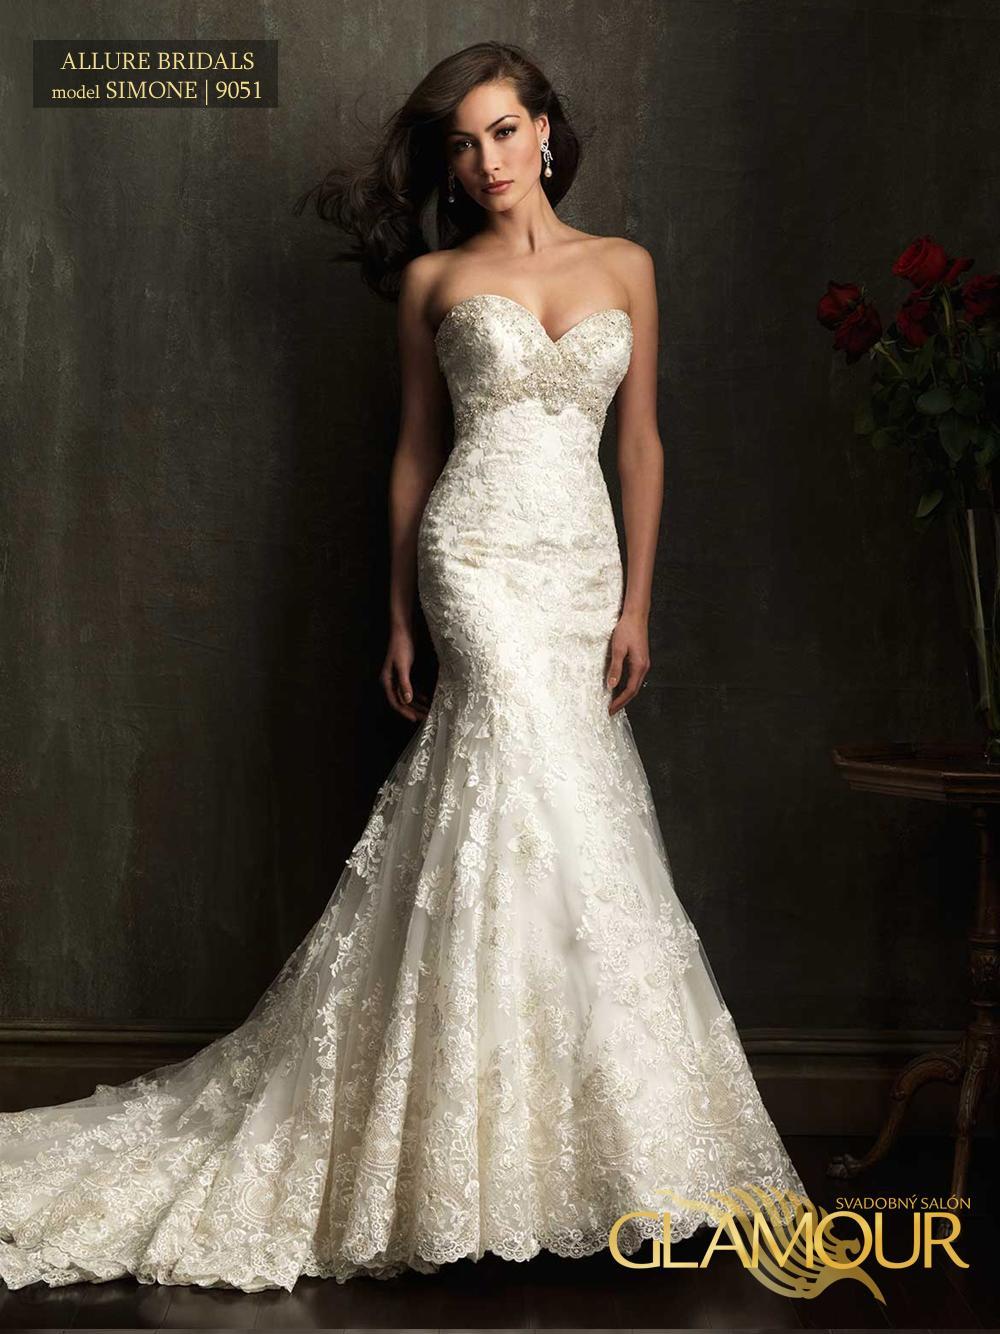 Nova kolekcia Allure Bridals 2014 - Allure Bridals model  Simone